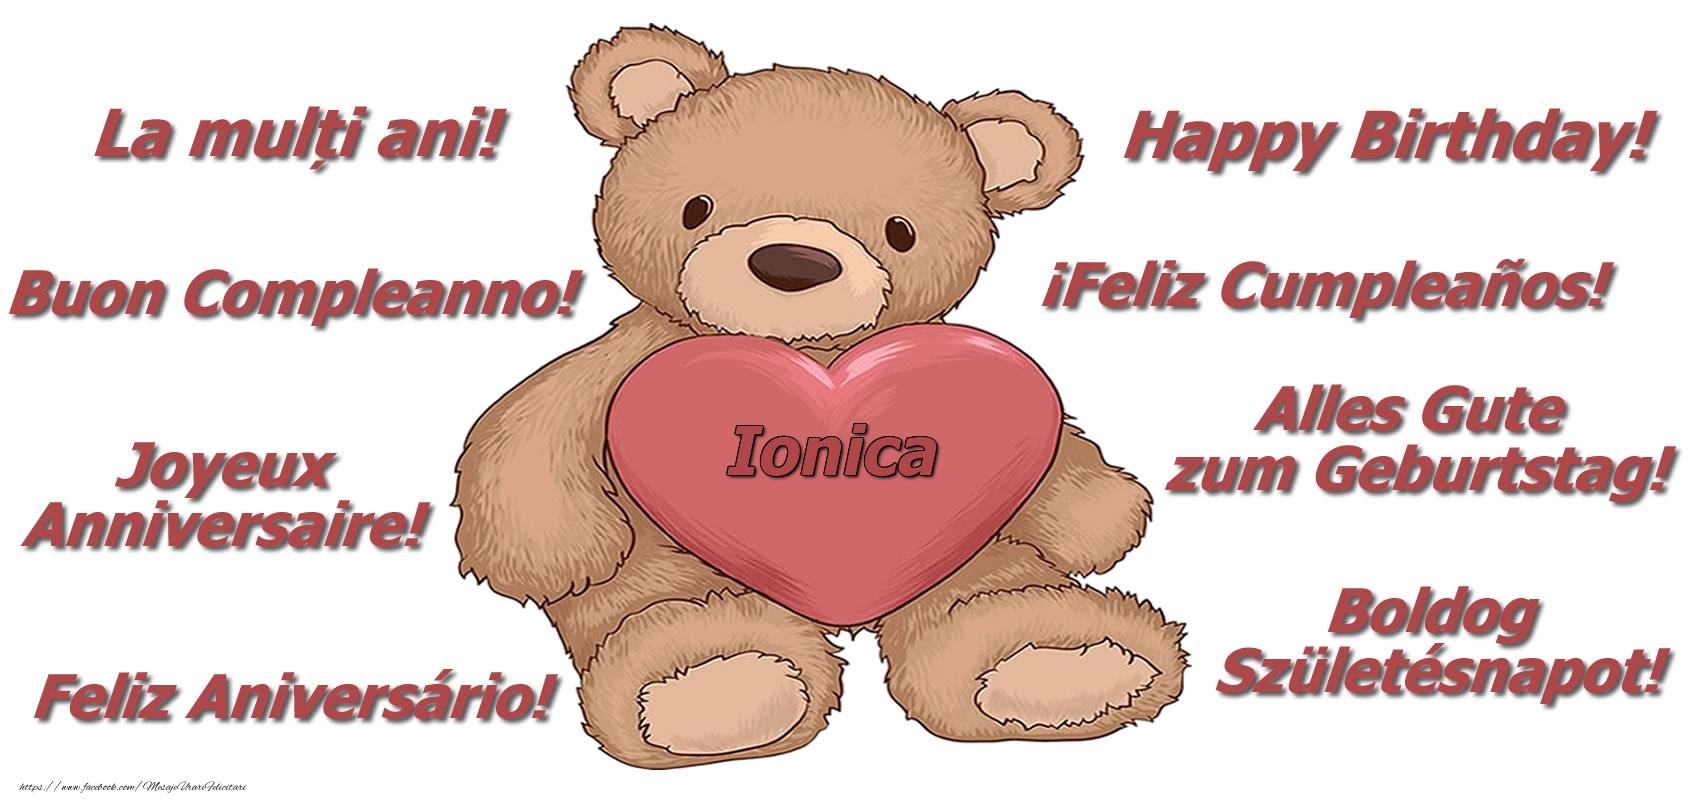 Felicitari de zi de nastere - La multi ani Ionica! - Ursulet